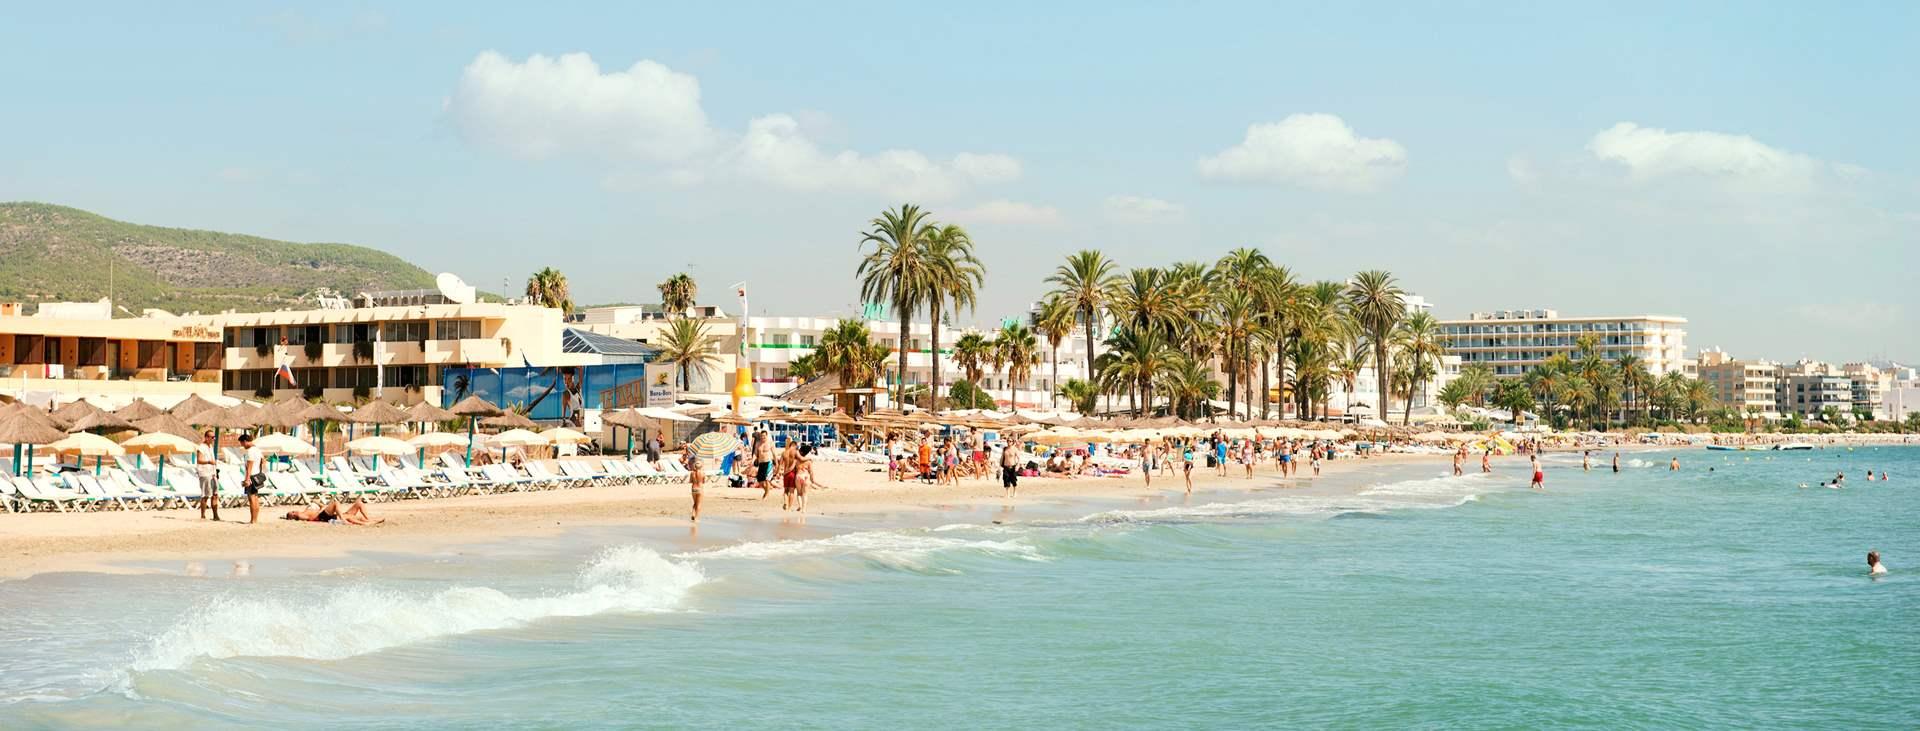 Bestill en reise med Ving til Playa d'en Bossa på Ibiza